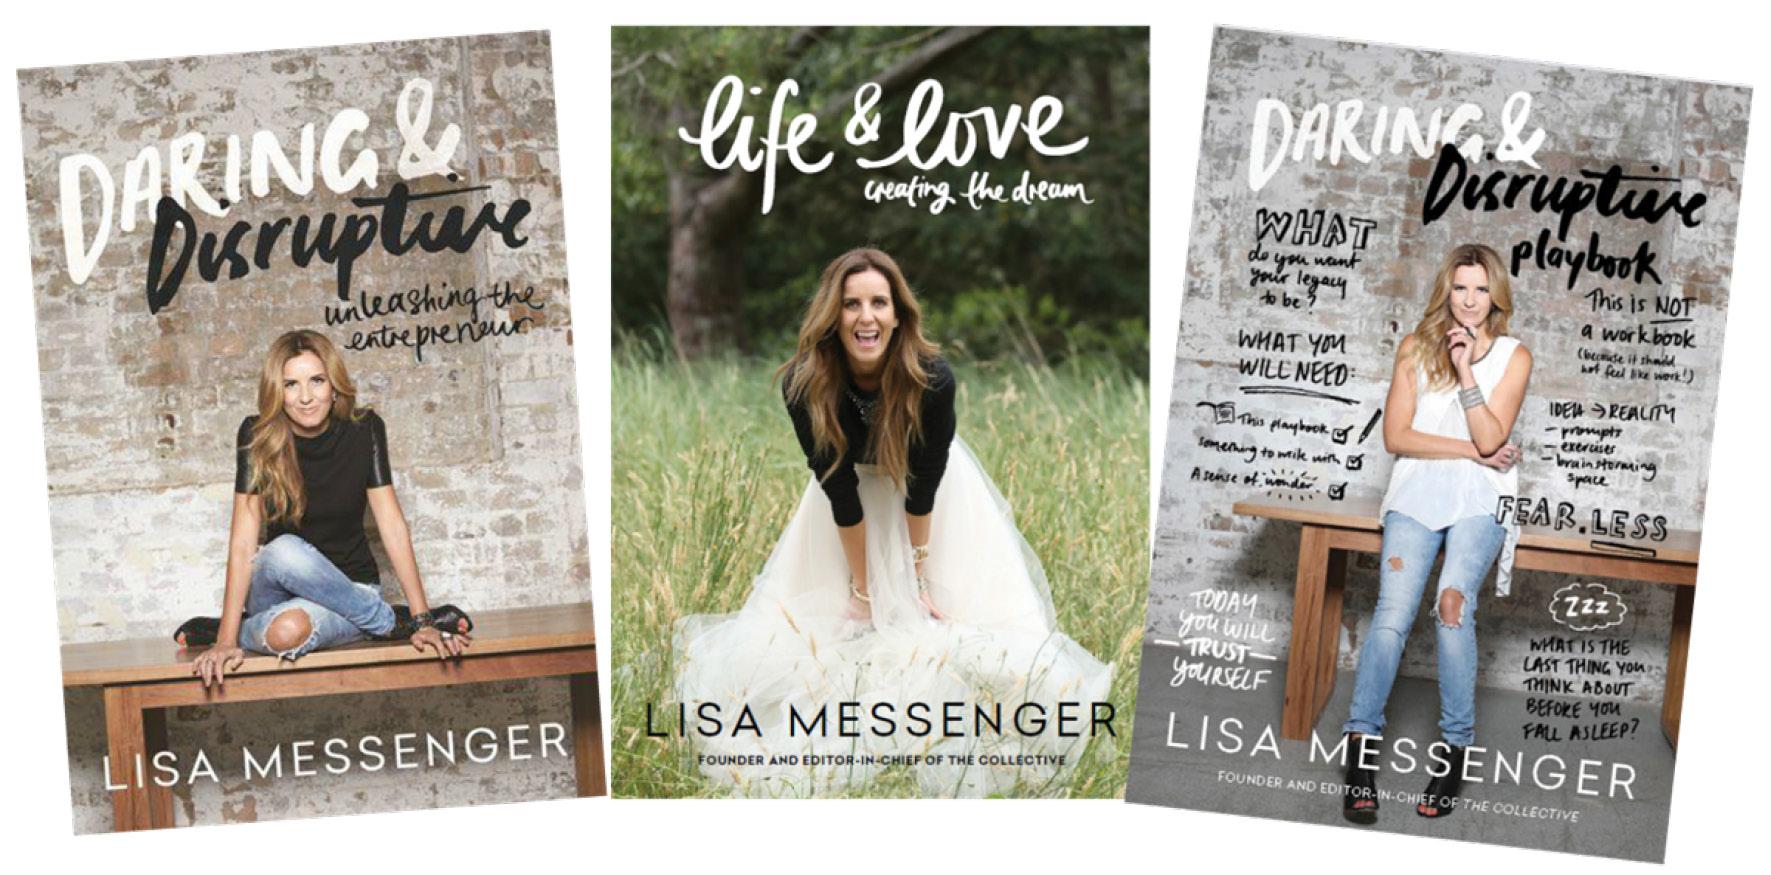 Lisa-Messenger-books